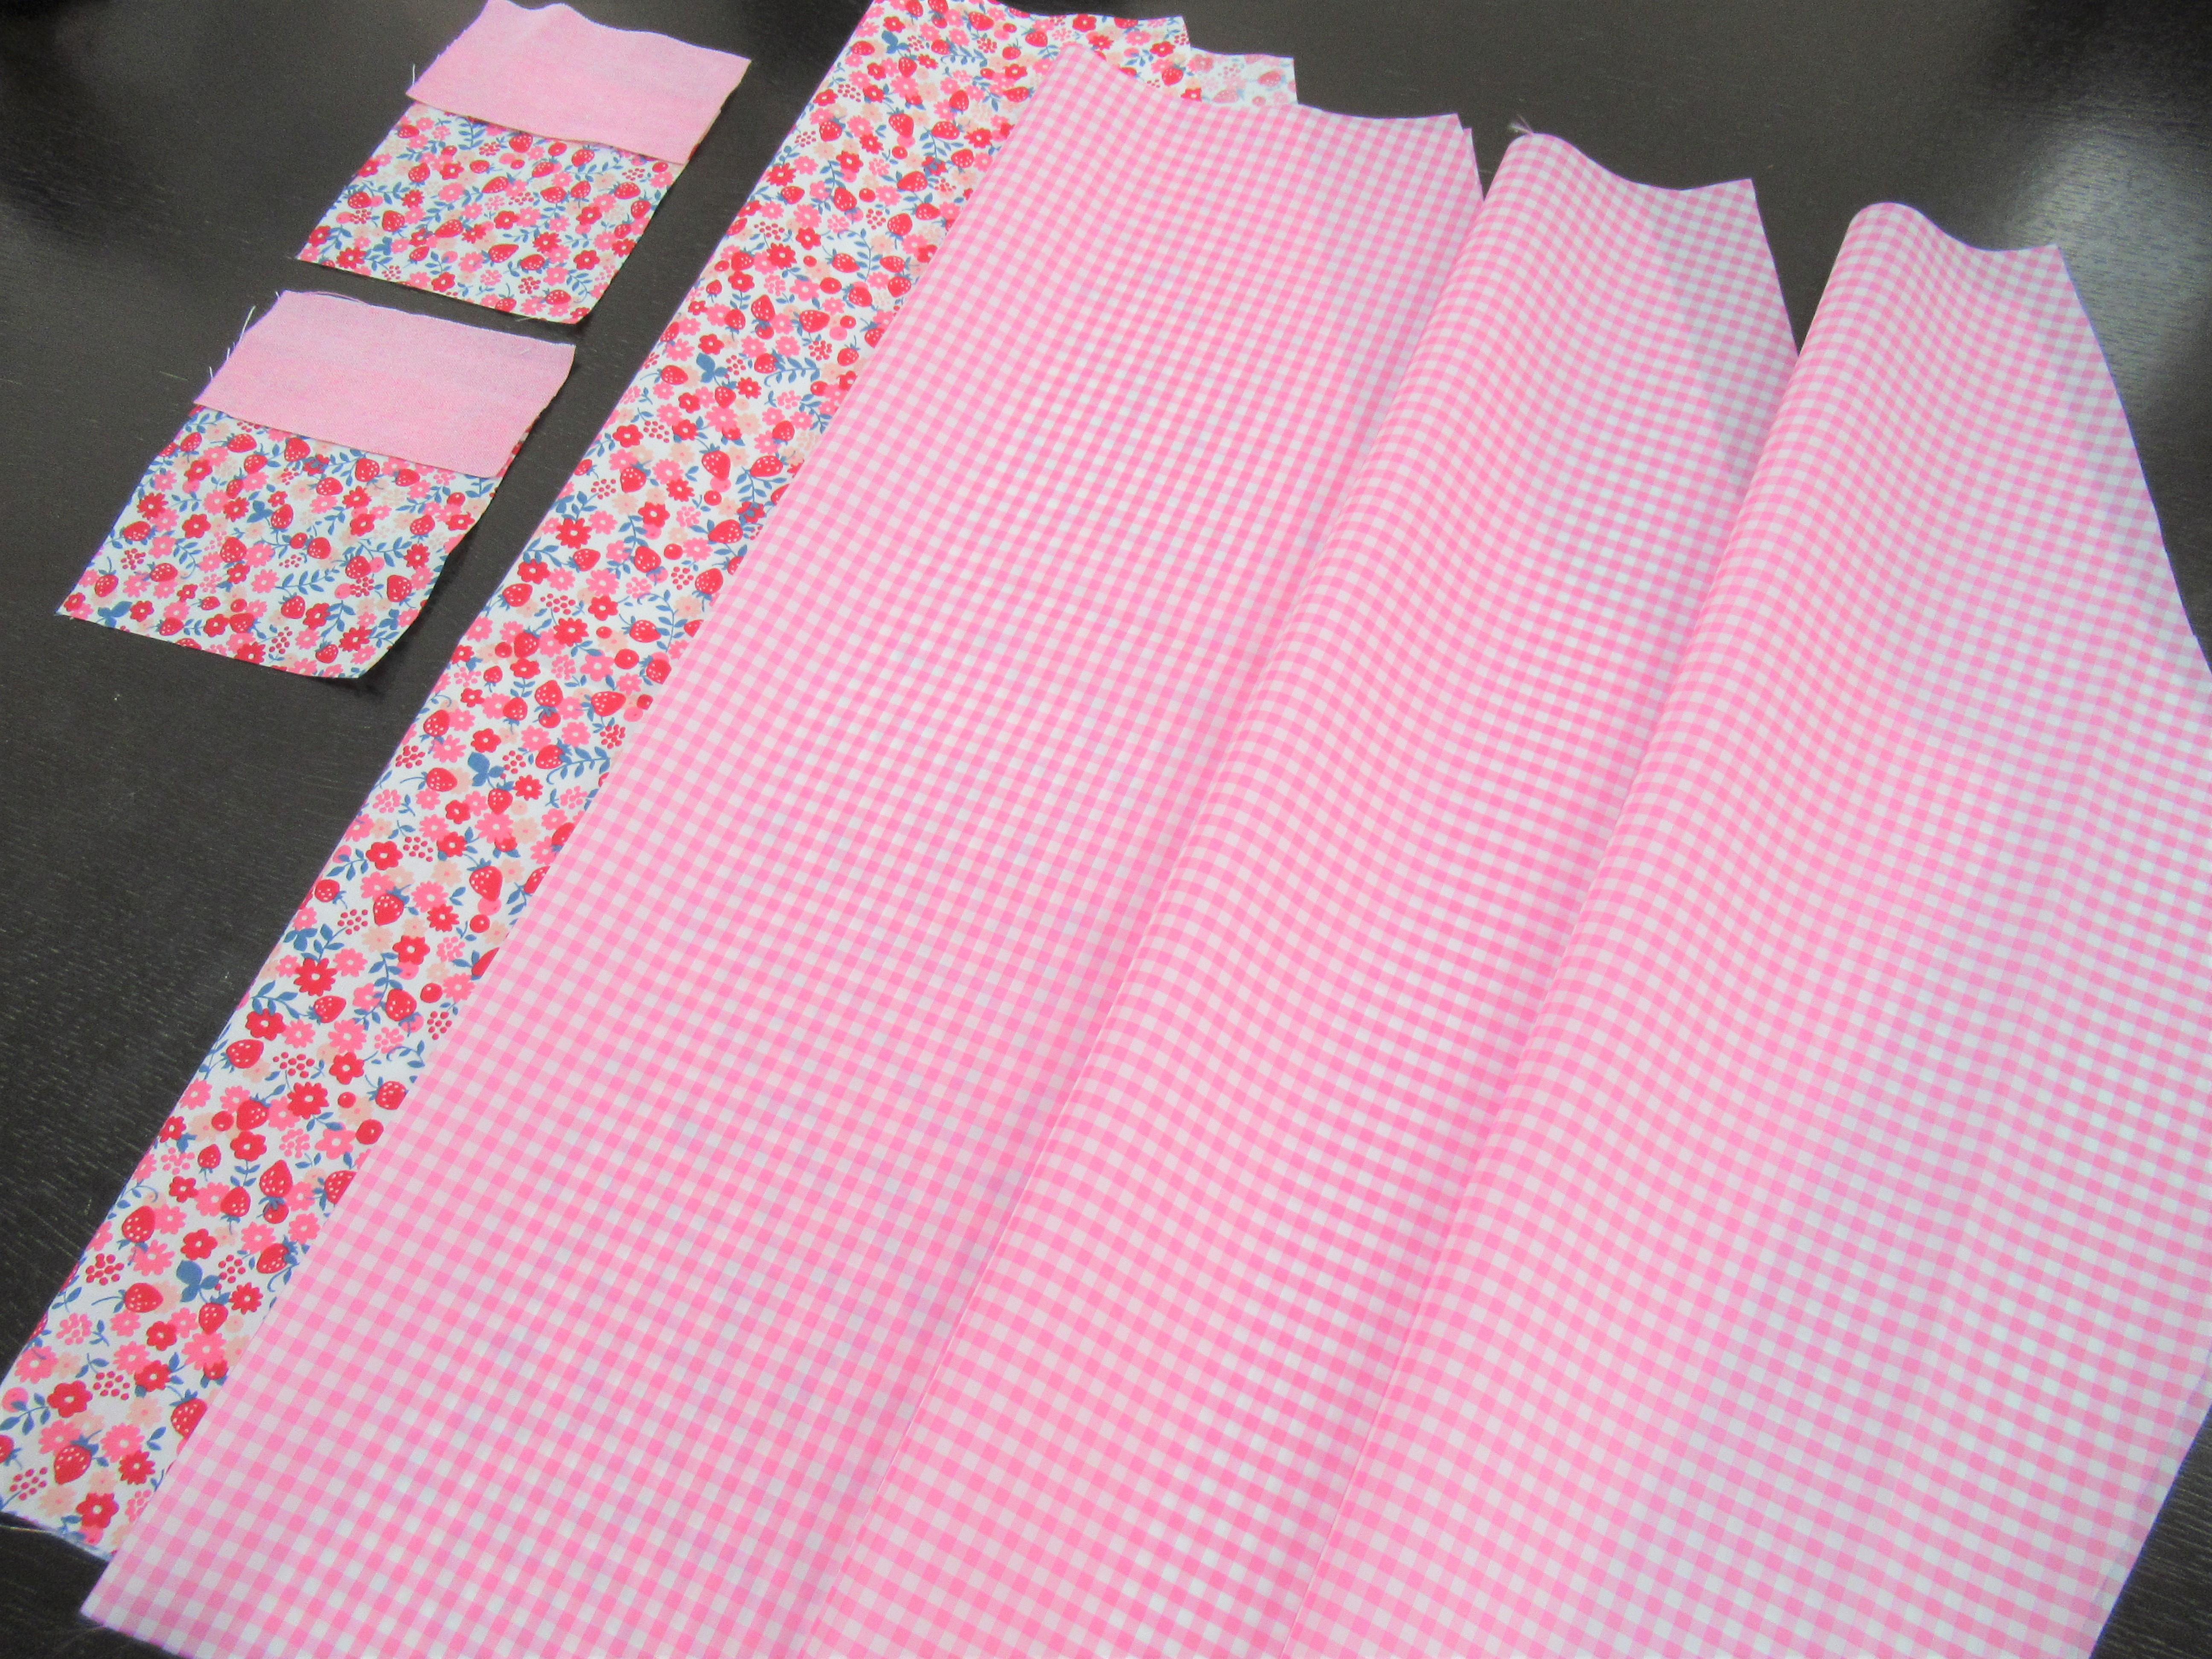 簡単手作り|幼稚園スモックの110㎝の型紙と袖・丈が50㎝指定の型紙